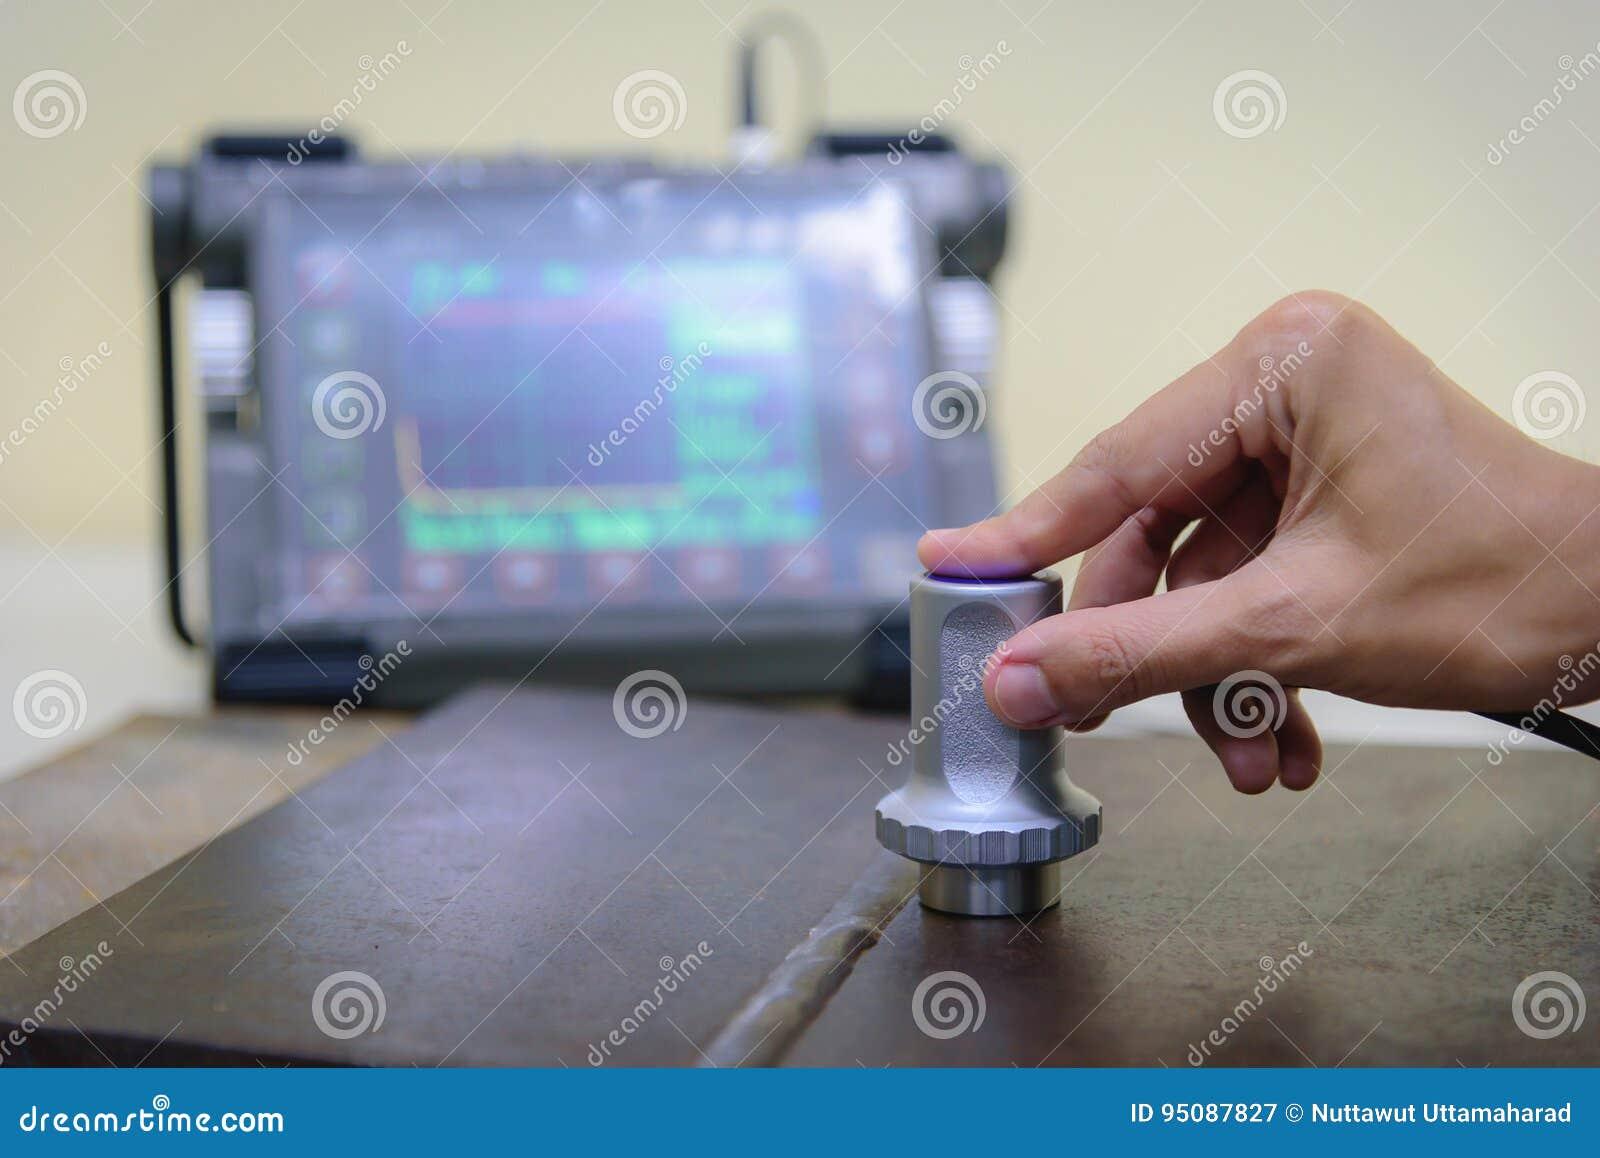 Máquina de testes ultrassônicos do uso do inspetor para o defeito da inspeção mim